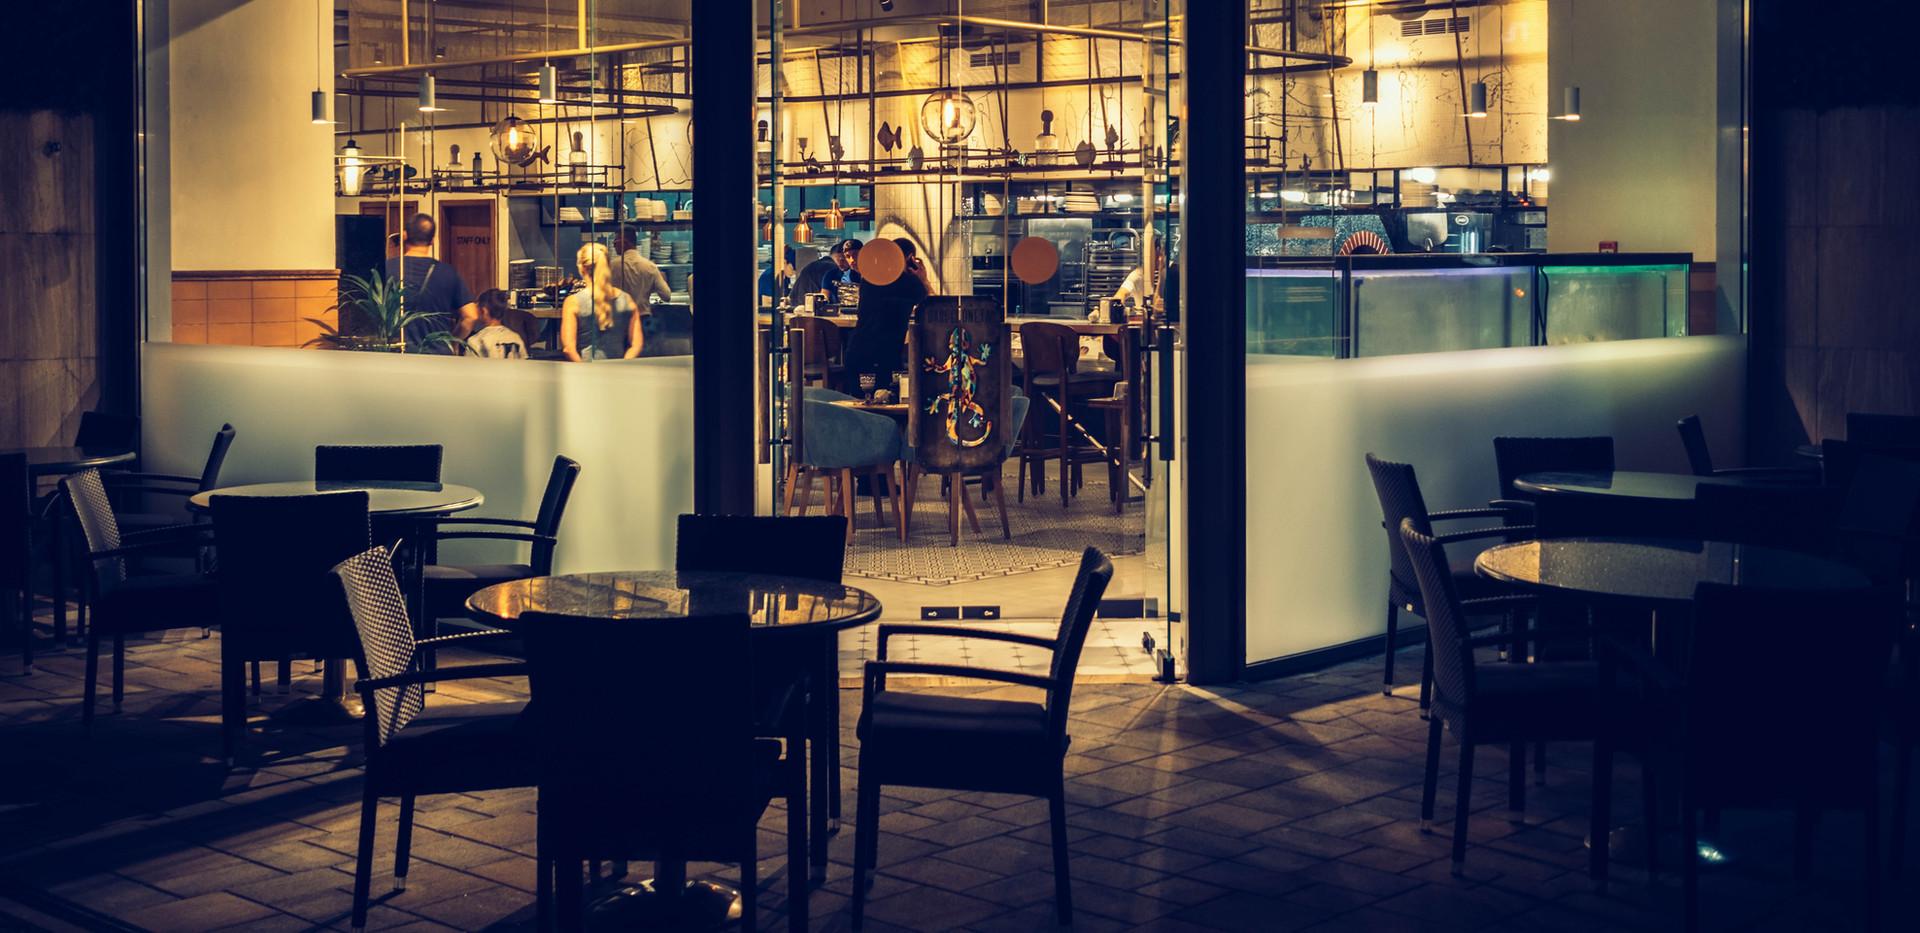 balcony-cafe-chairs-1237073.jpg